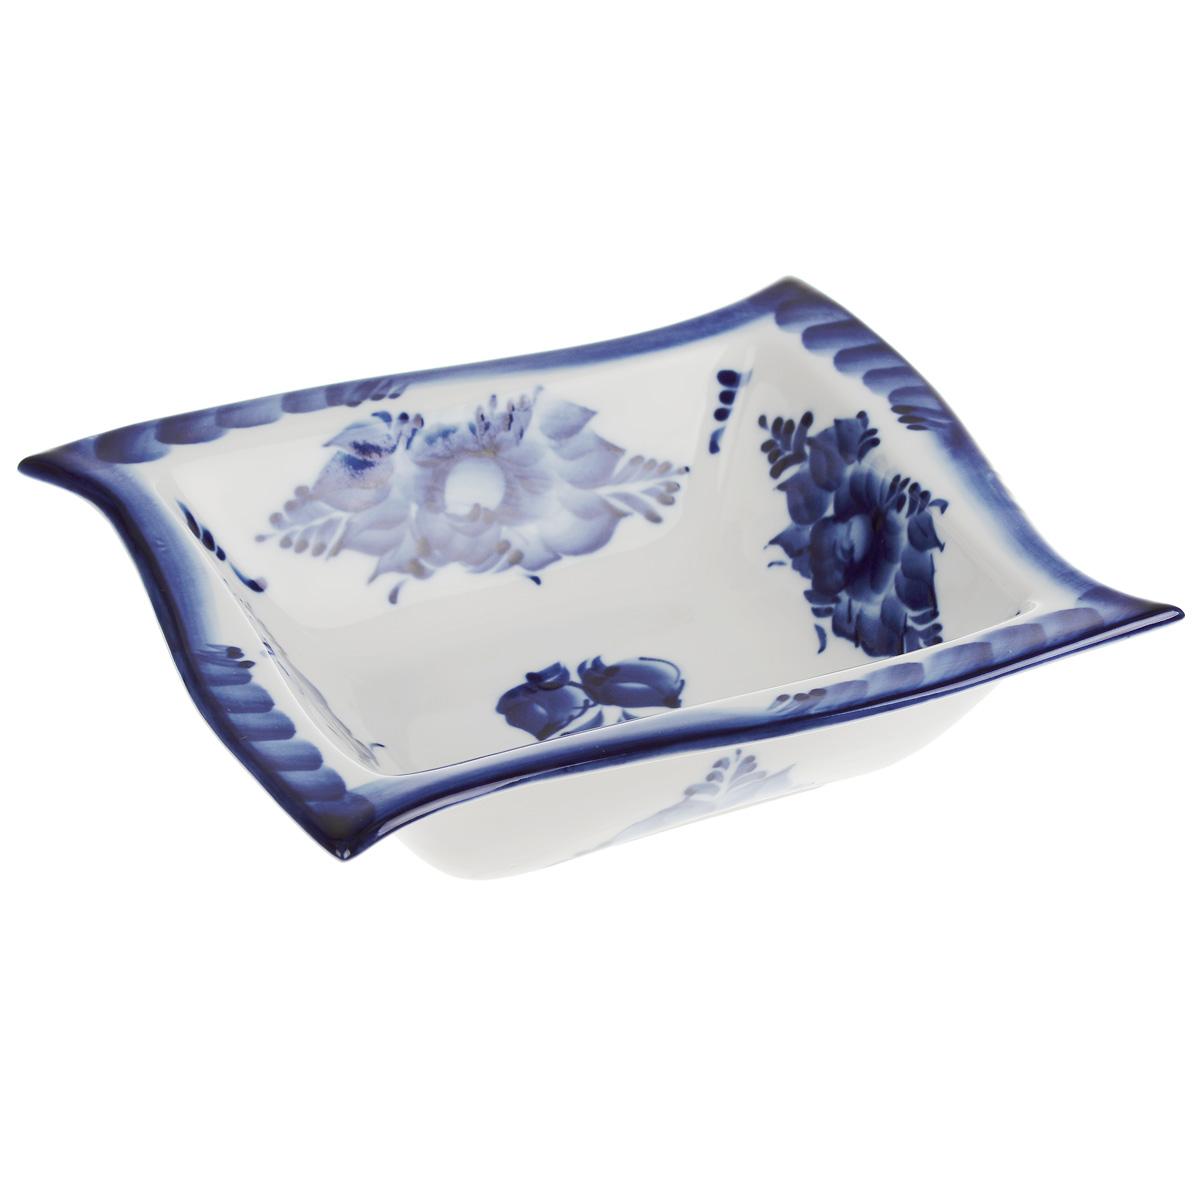 Салатник Волна, цвет: белый, синий, 17,5 х 17,5 х 4,5 см993065431Салатник Волна, изготовленный из фарфора, доставит истинное удовольствие ценителям прекрасного. Изделие оформлено росписью в технике гжель. Яркий дизайн, несомненно, придется вам по вкусу. Салатник Волна украсит ваш кухонный стол, а также станет замечательным подарком к любому празднику.